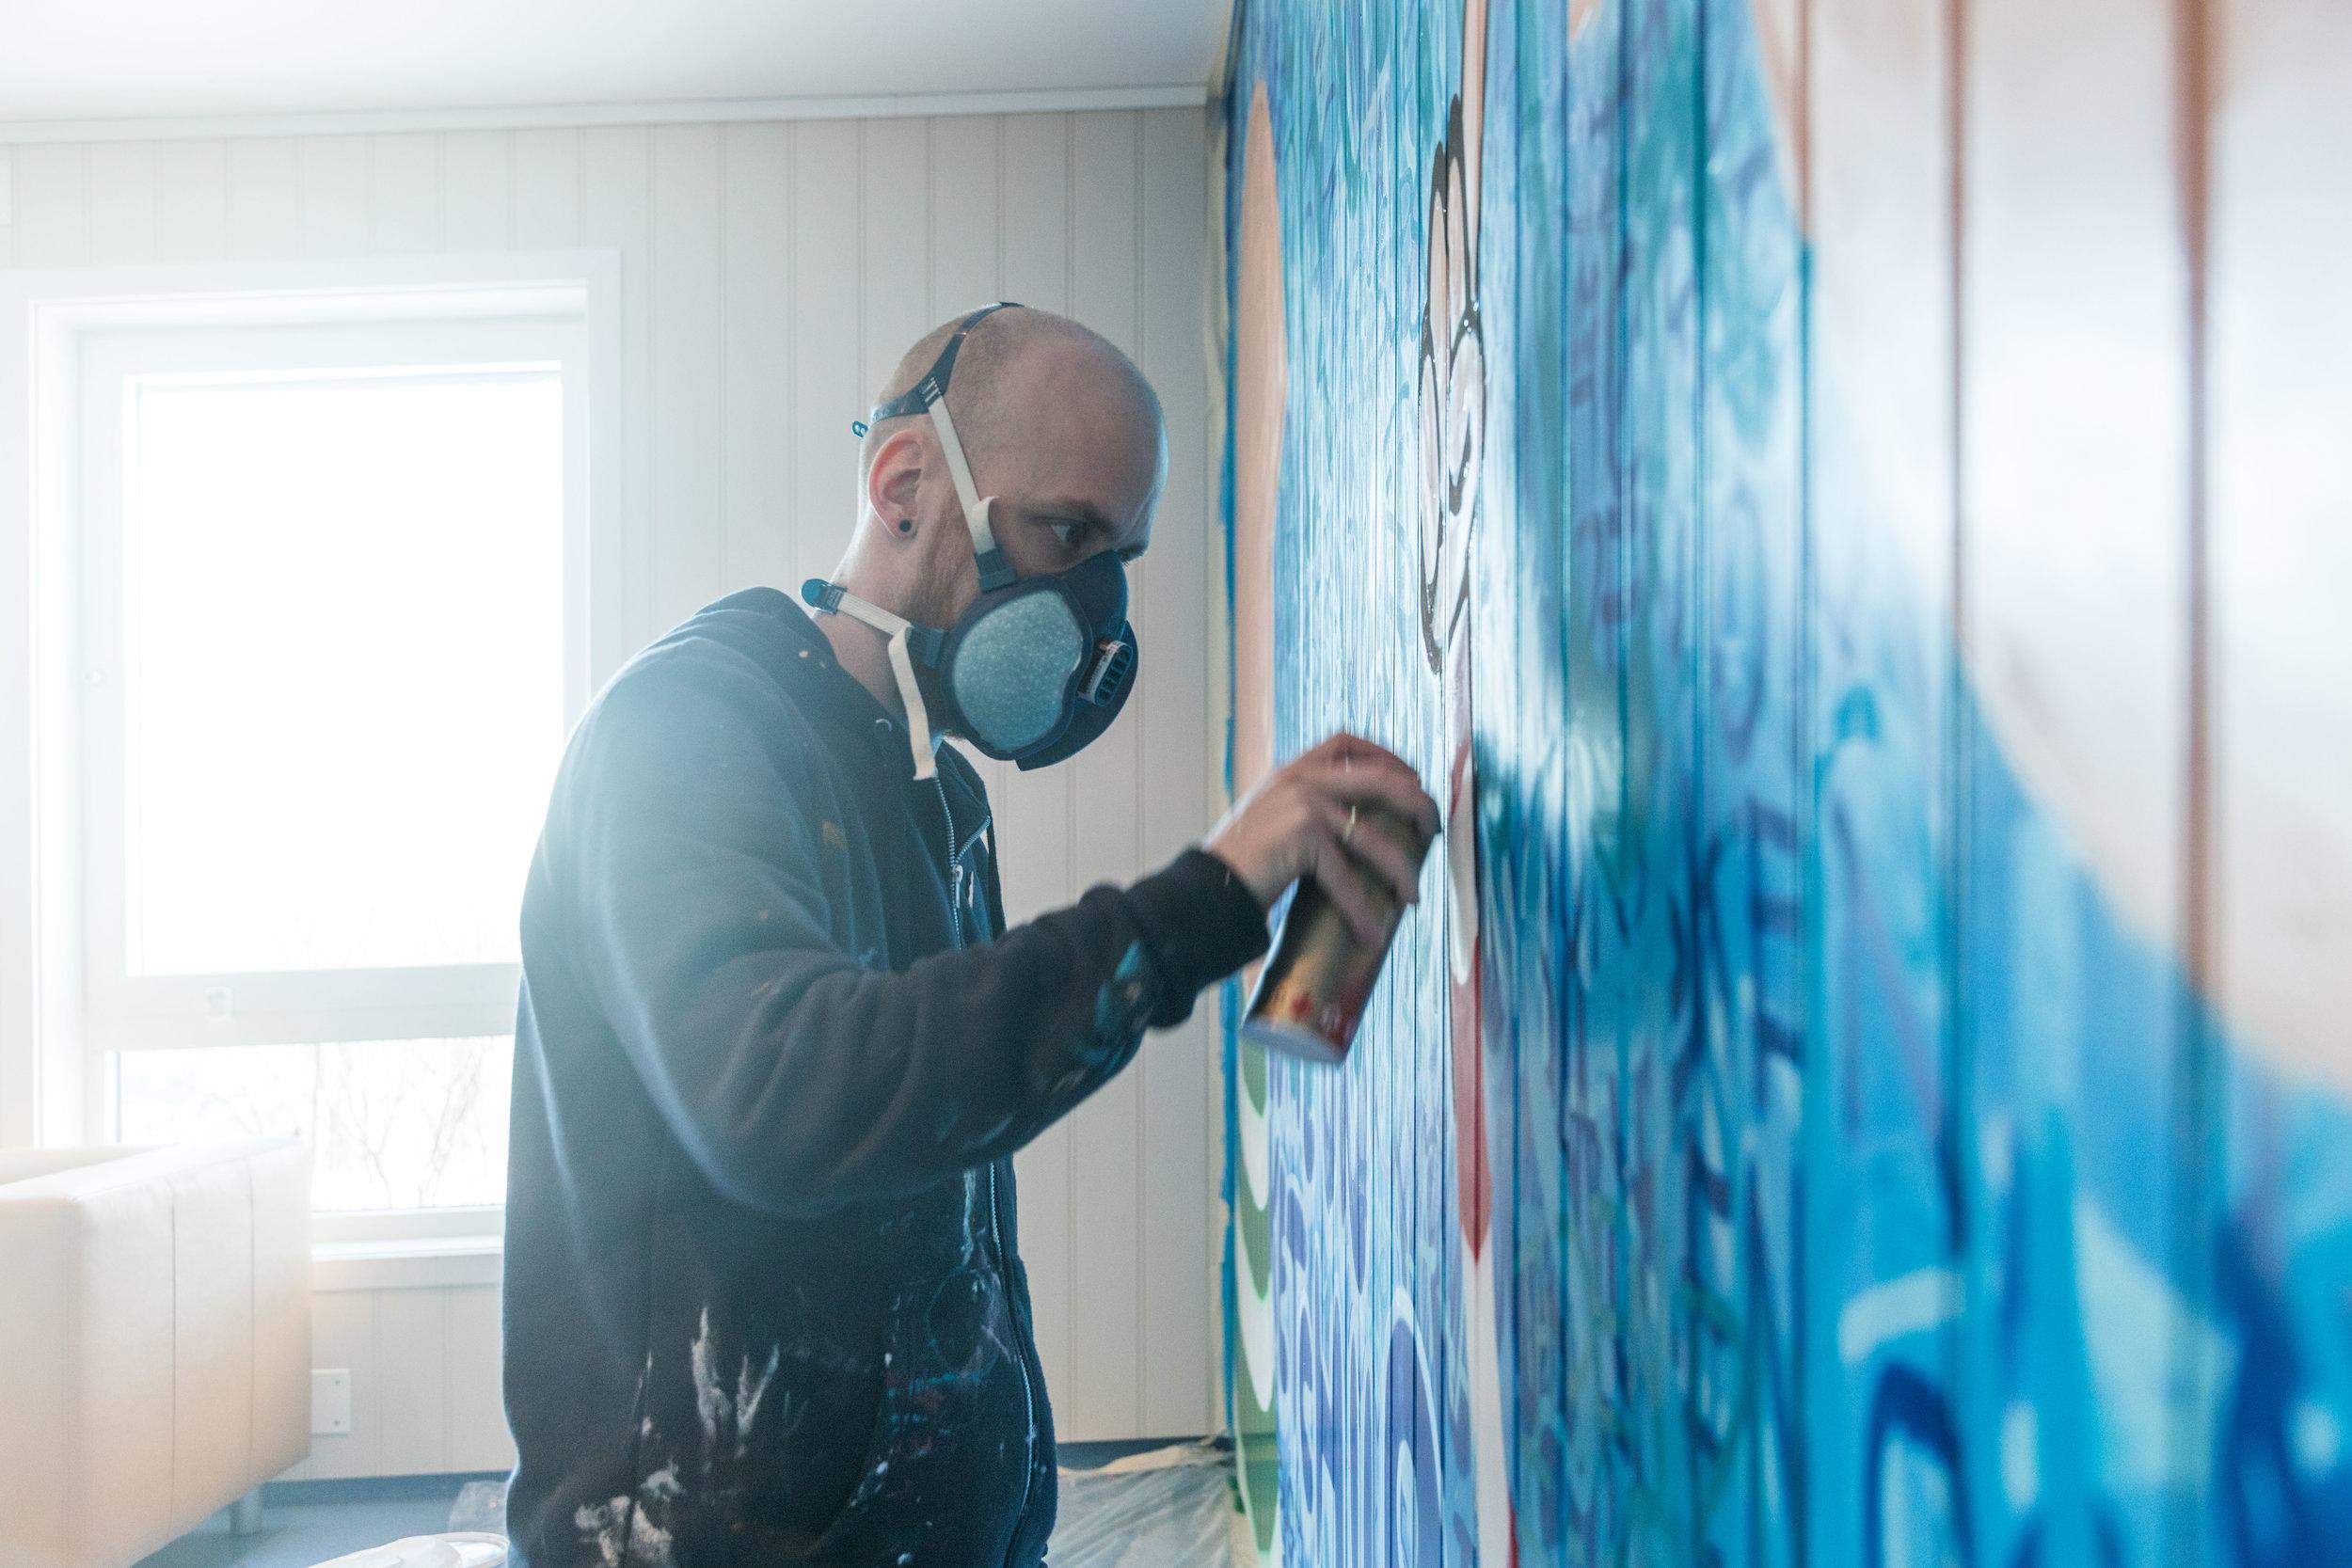 GerhardsenKarlsen_Buffetat_StåleGerhardsen_28.JPG